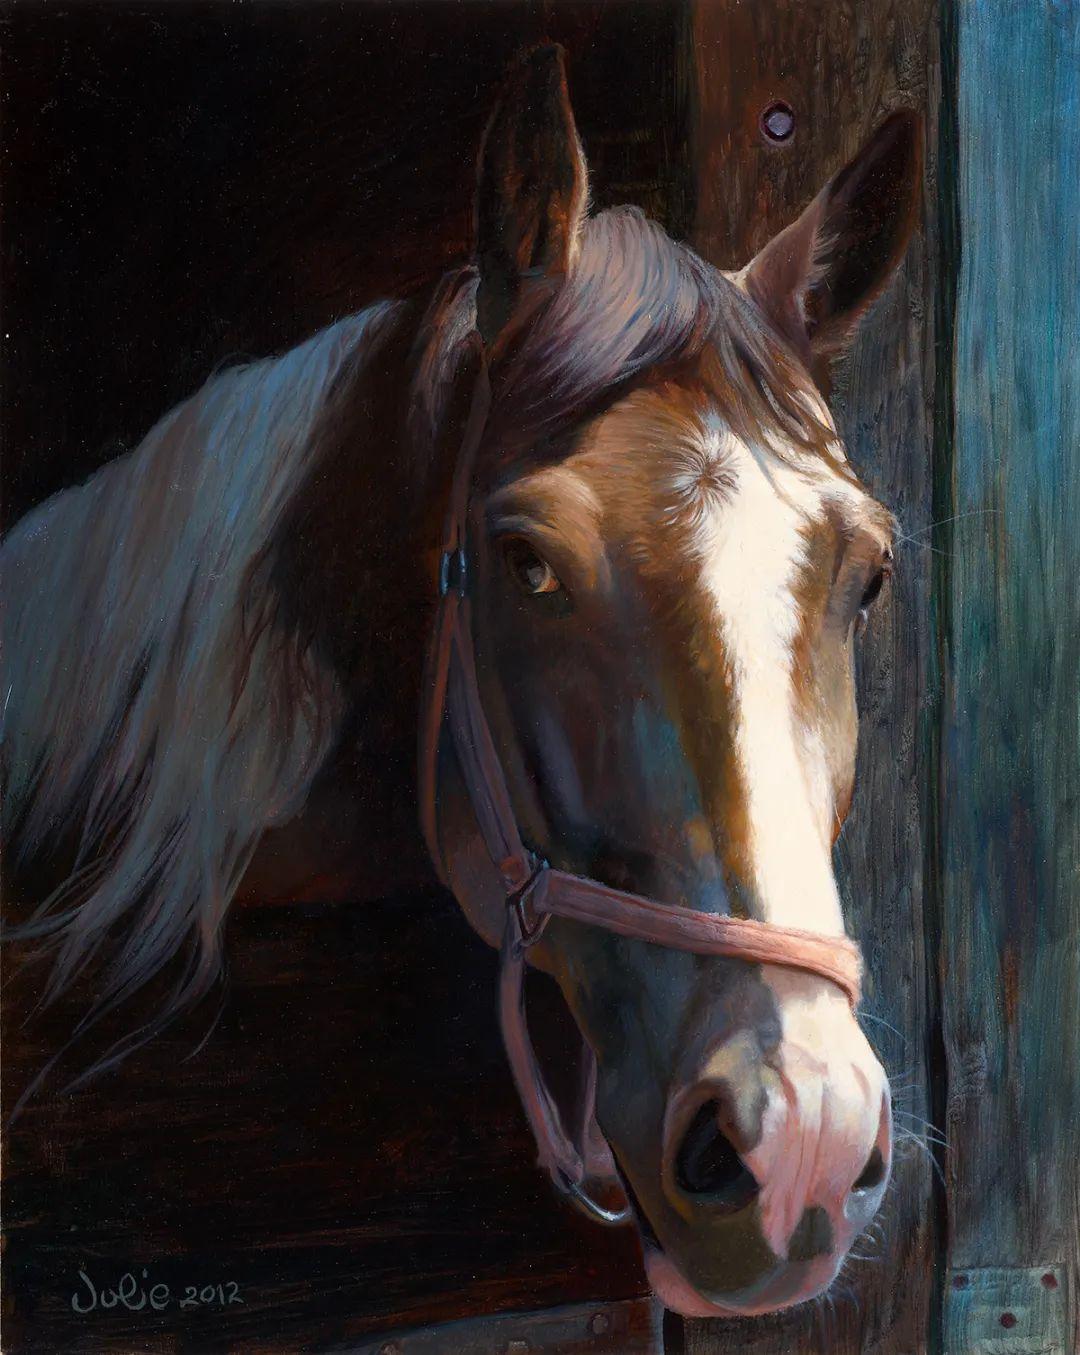 朱莉·贝尔笔下的马插图3